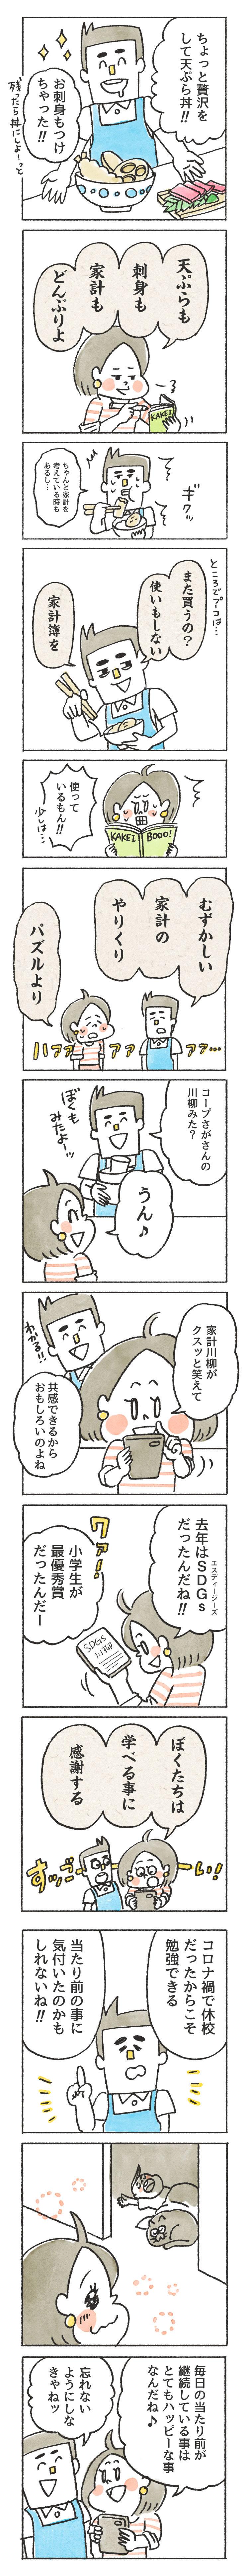 094. 川柳がお得意♫コープさが生協